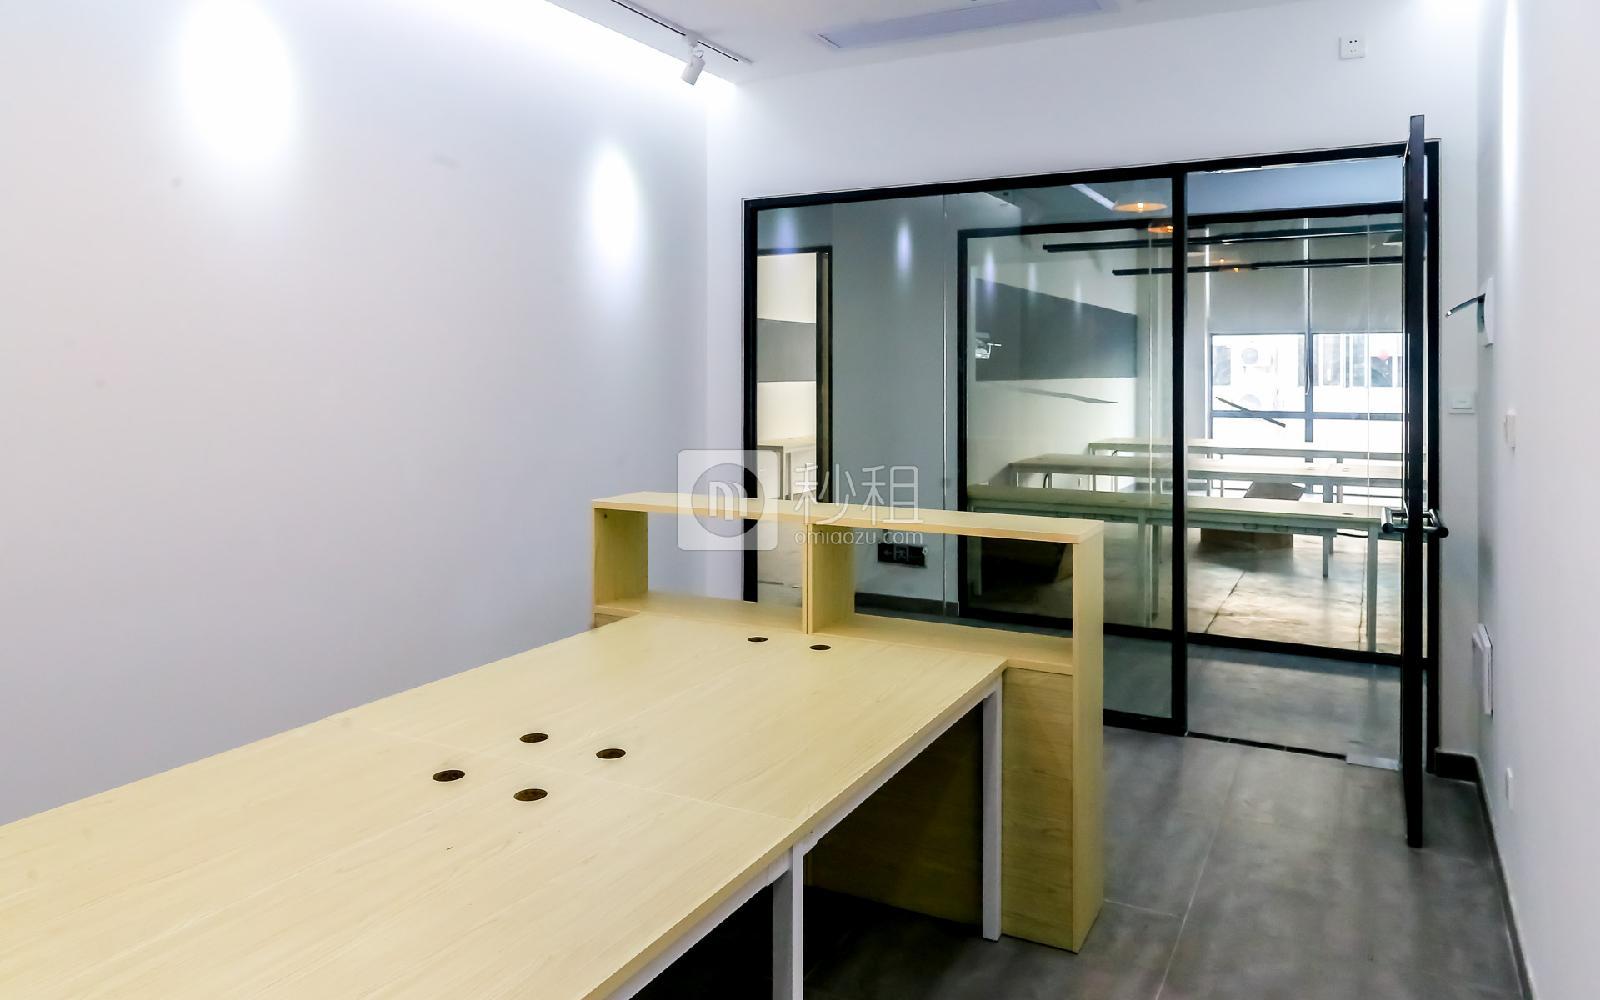 硅谷大院写字楼出租22平米精装办公室3180元/间.月